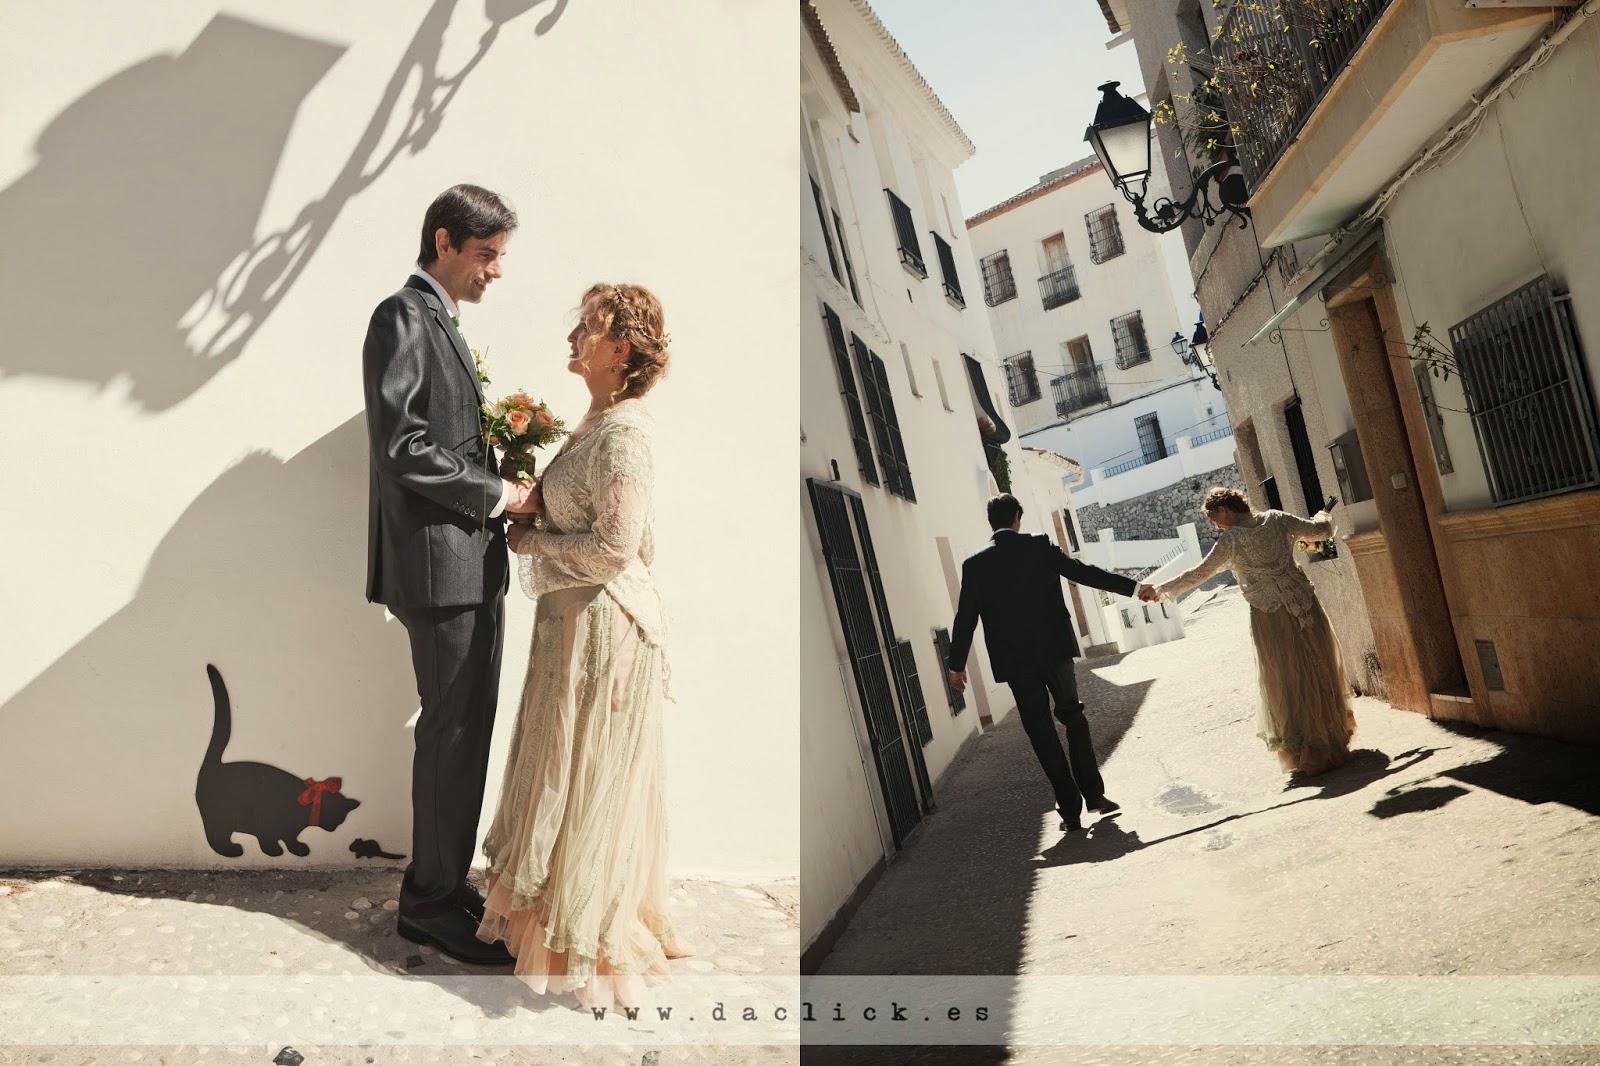 fotografo de bodas alicante postboda Altea